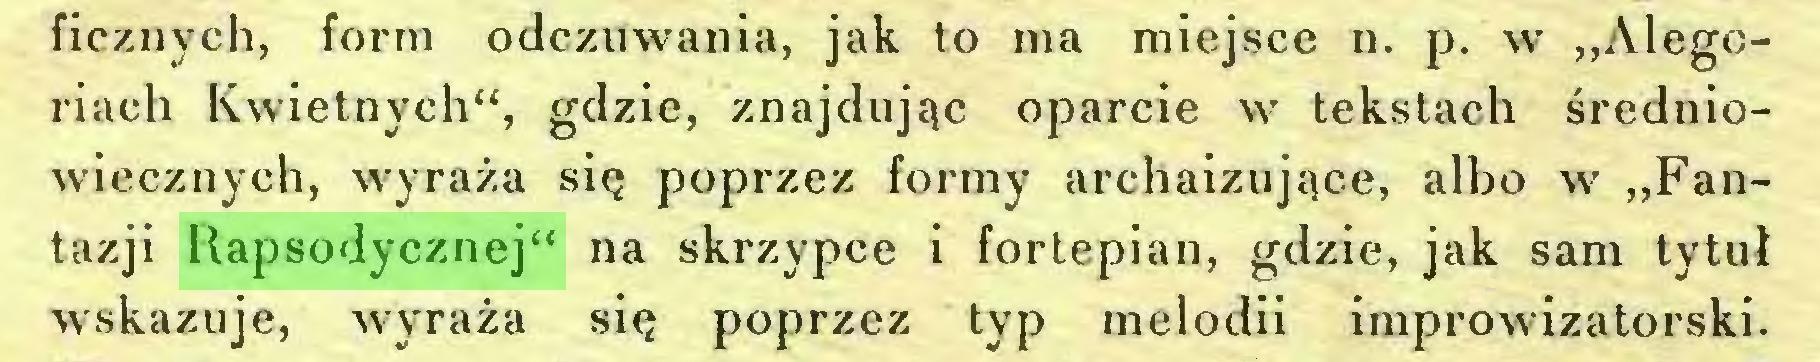 """(...) ficznych, form odczuwania, jak to ma miejsce n. p. w """"Alegoriach Kwietnych"""", gdzie, znajdując oparcie w tekstach średniowiecznych, wyraża się poprzez formy archaizujące, albo w """"Fantazji Rapsodycznej"""" na skrzypce i fortepian, gdzie, jak sam tytuł wskazuje, wyraża się poprzez typ melodii improwizatorski..."""